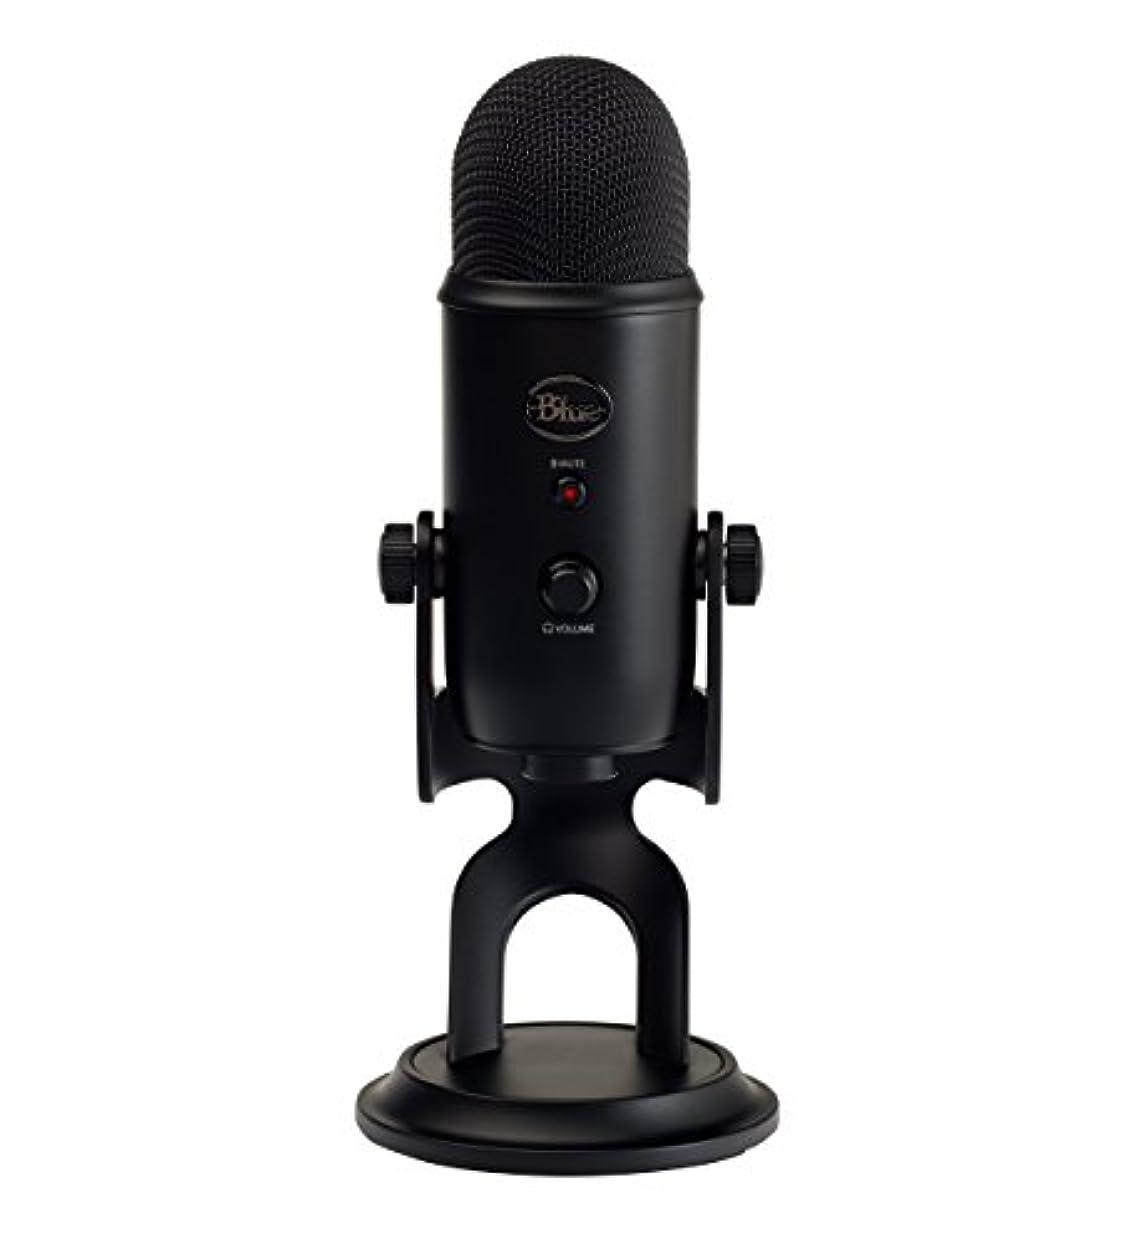 メルボルン時系列大破Blue Microphones Yeti USBマイク【日本正規代理店品?メーカー保証2年】ブラック 2070  指向性4モード